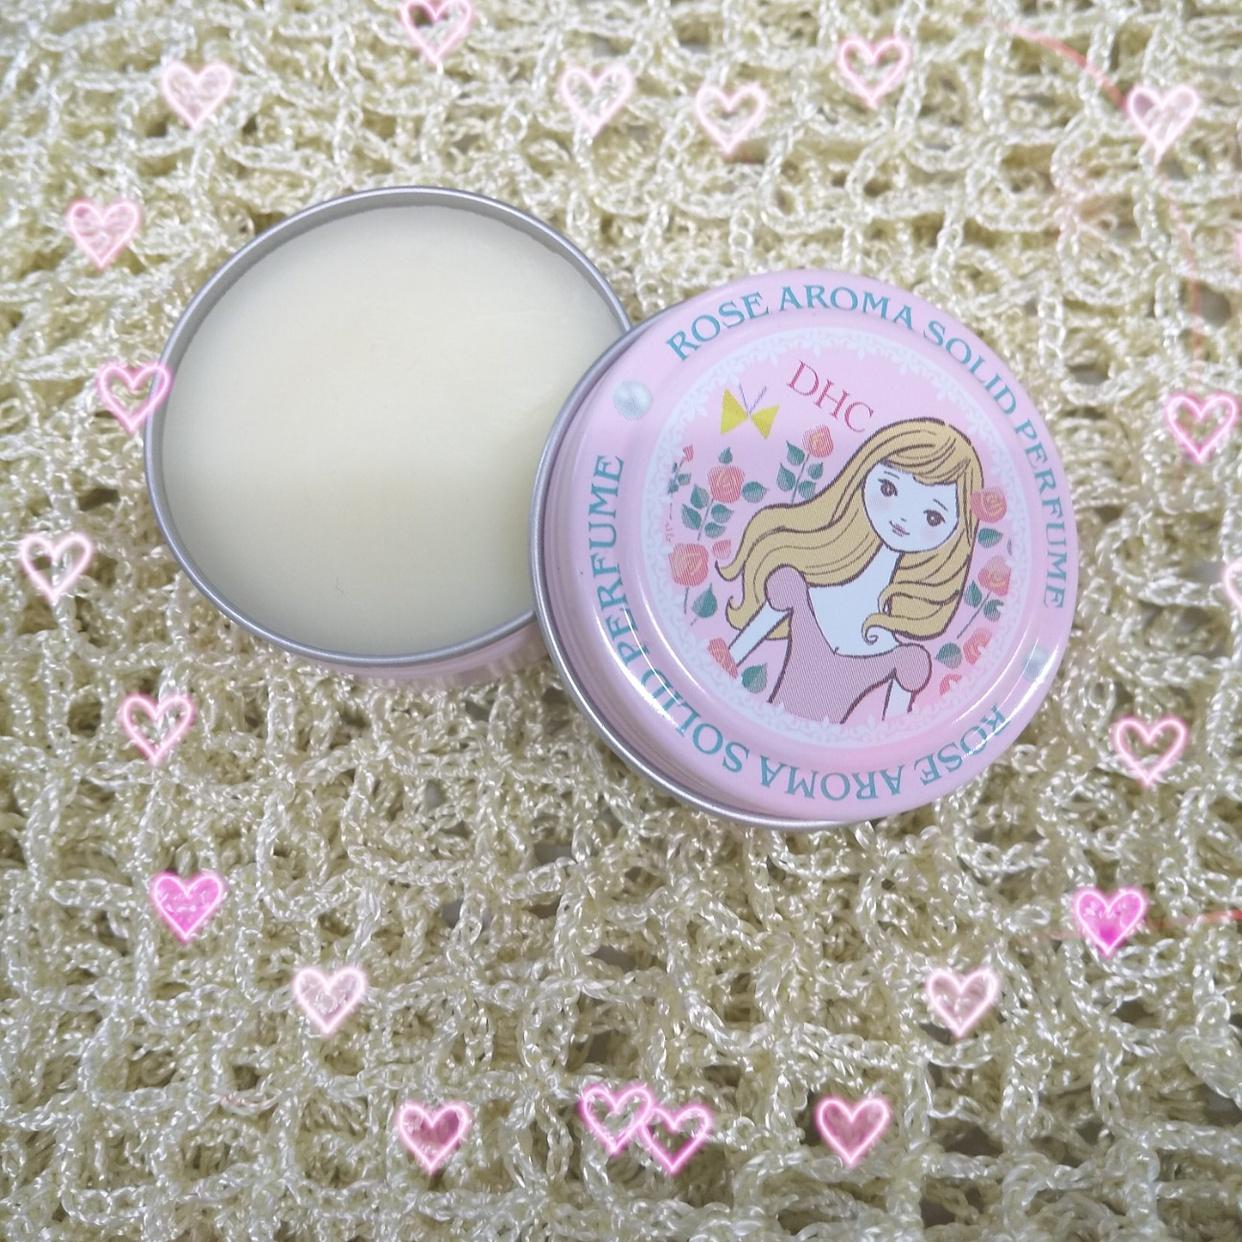 DHC(ディーエイチシー)ローズアロマ ソリッド パフューム a (練り香)を使ったカサブランカさんのクチコミ画像1